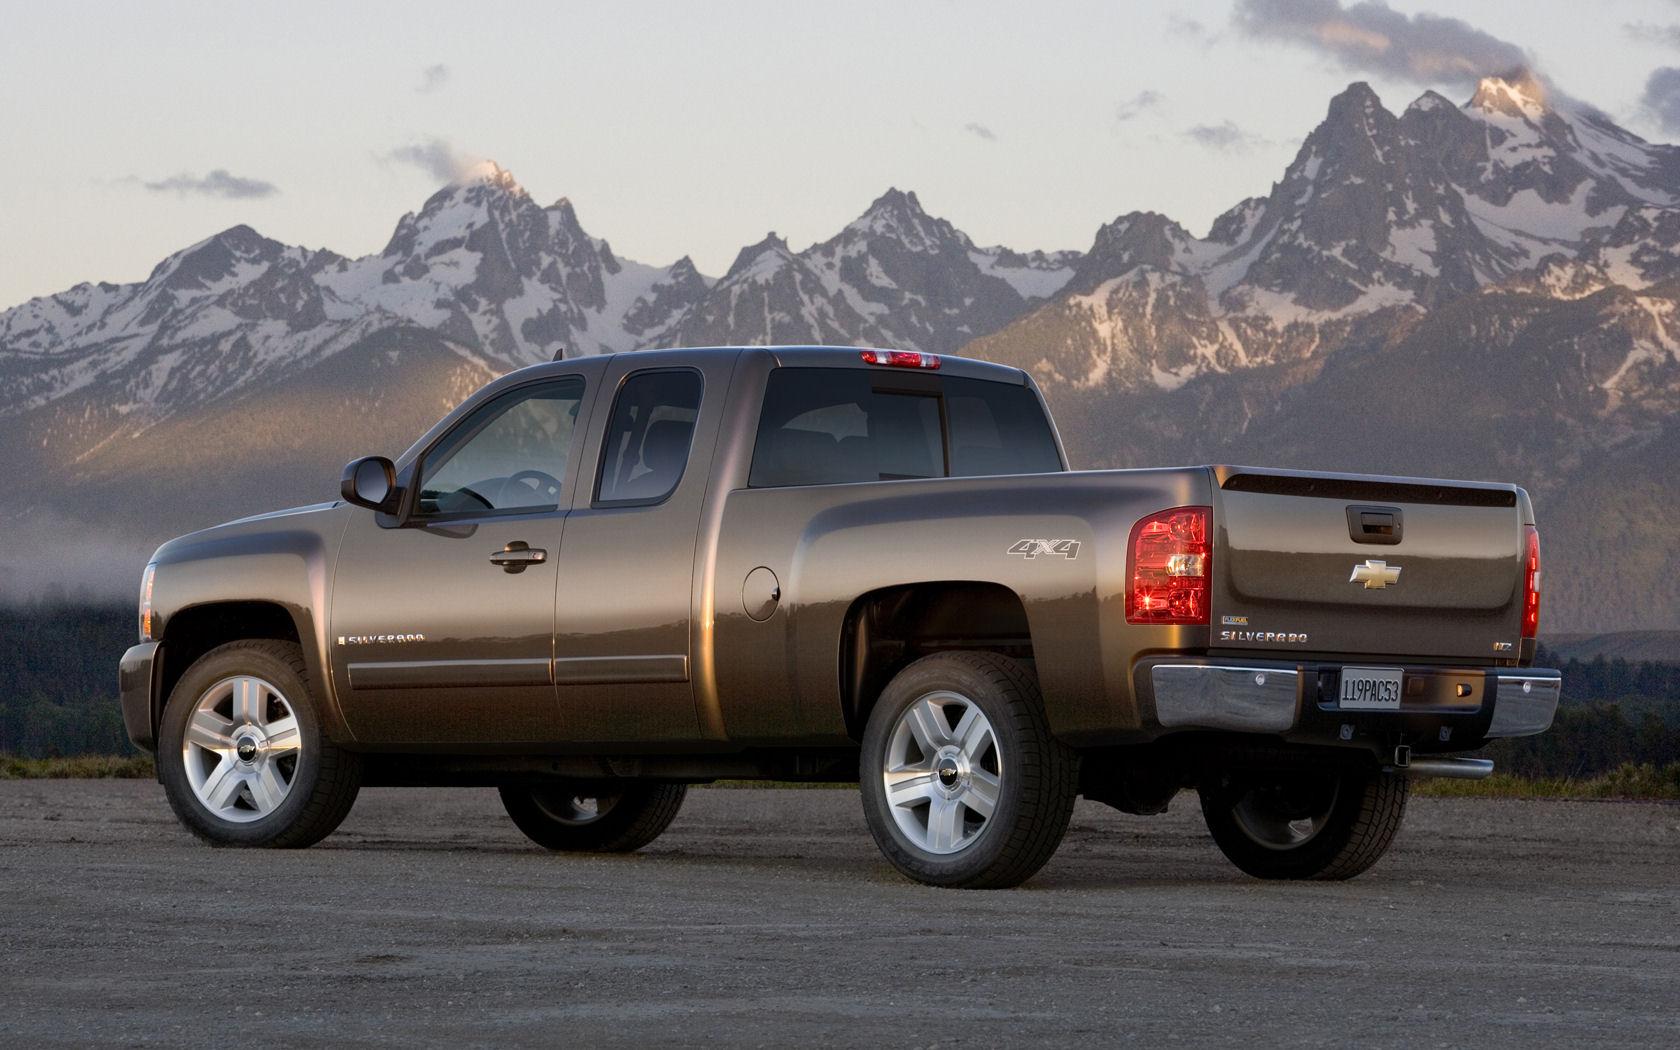 Chevrolet Silverado 1500 Chevrolet Silverado 1500 Desktop Wallpapers 1680x1050